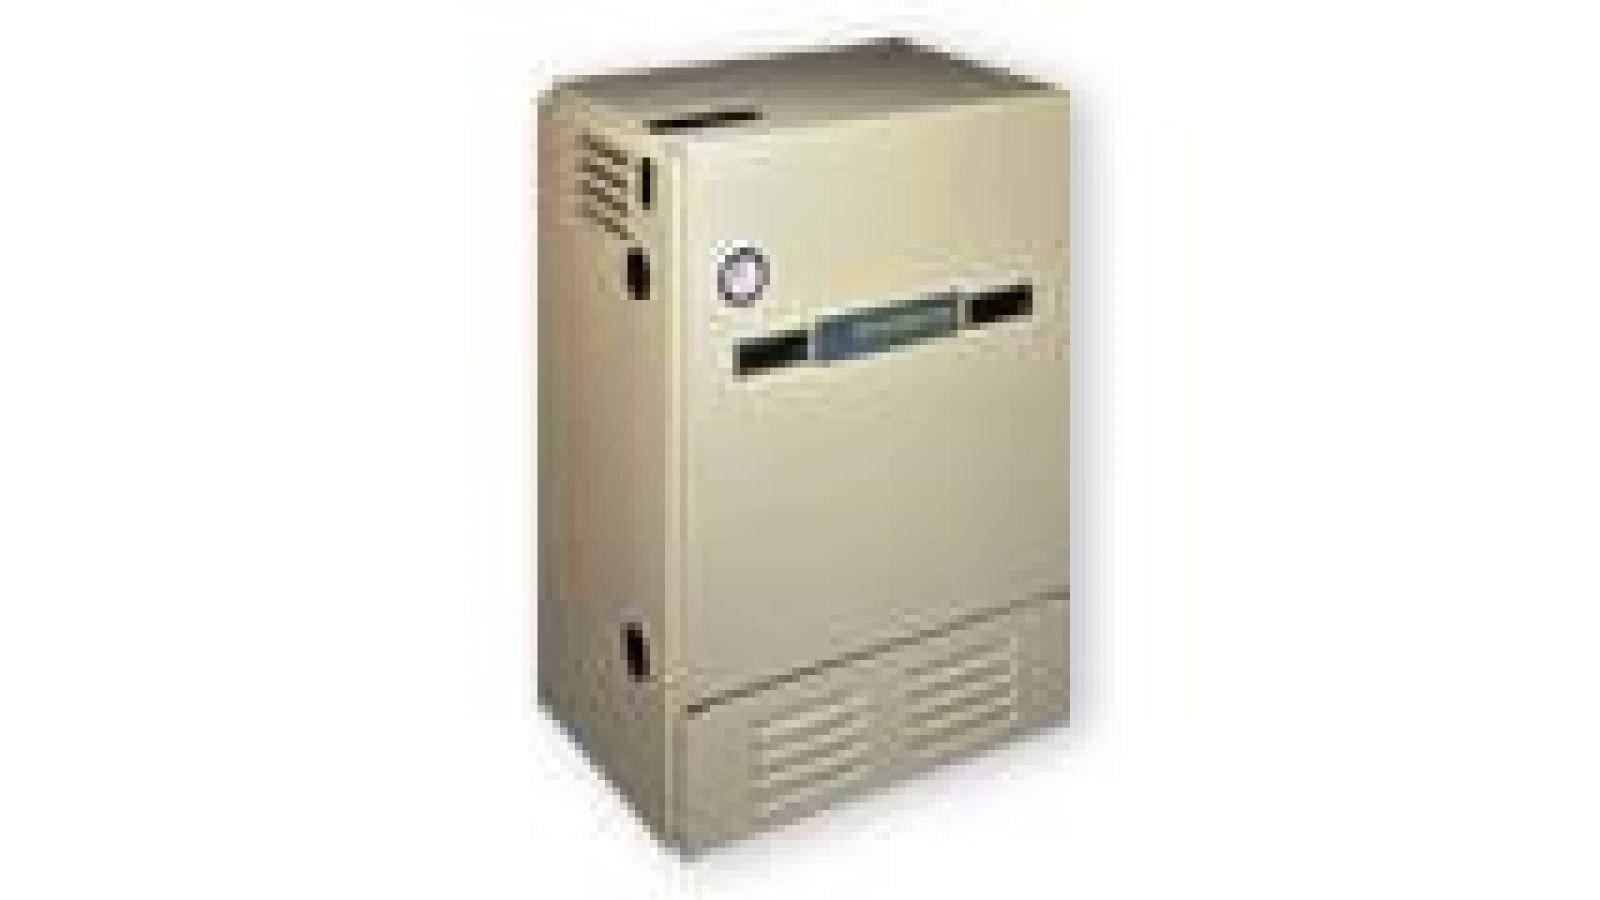 Performance 90 Boiler